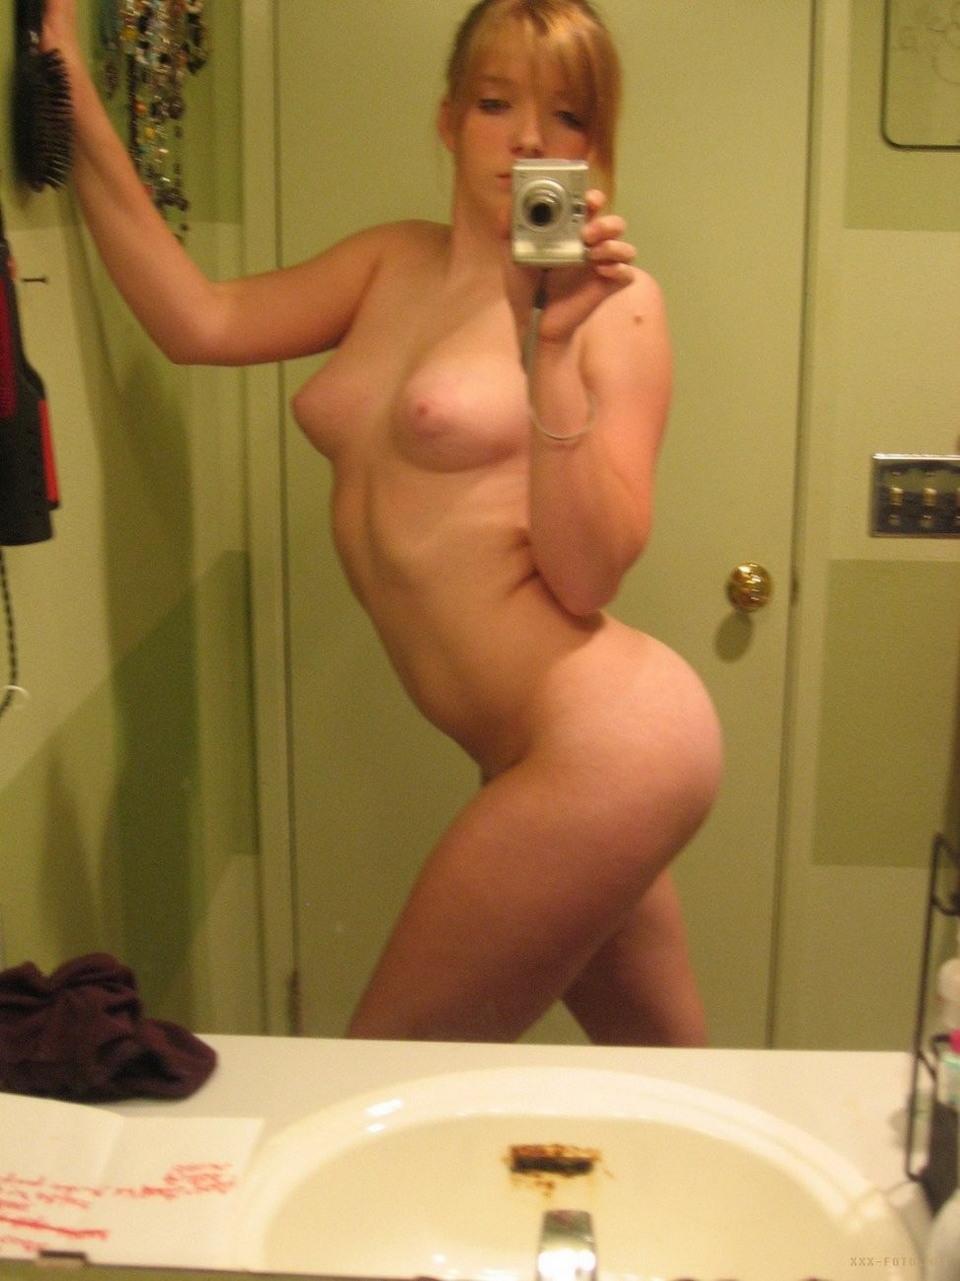 голые женщины фотографируют себя сами собой одну